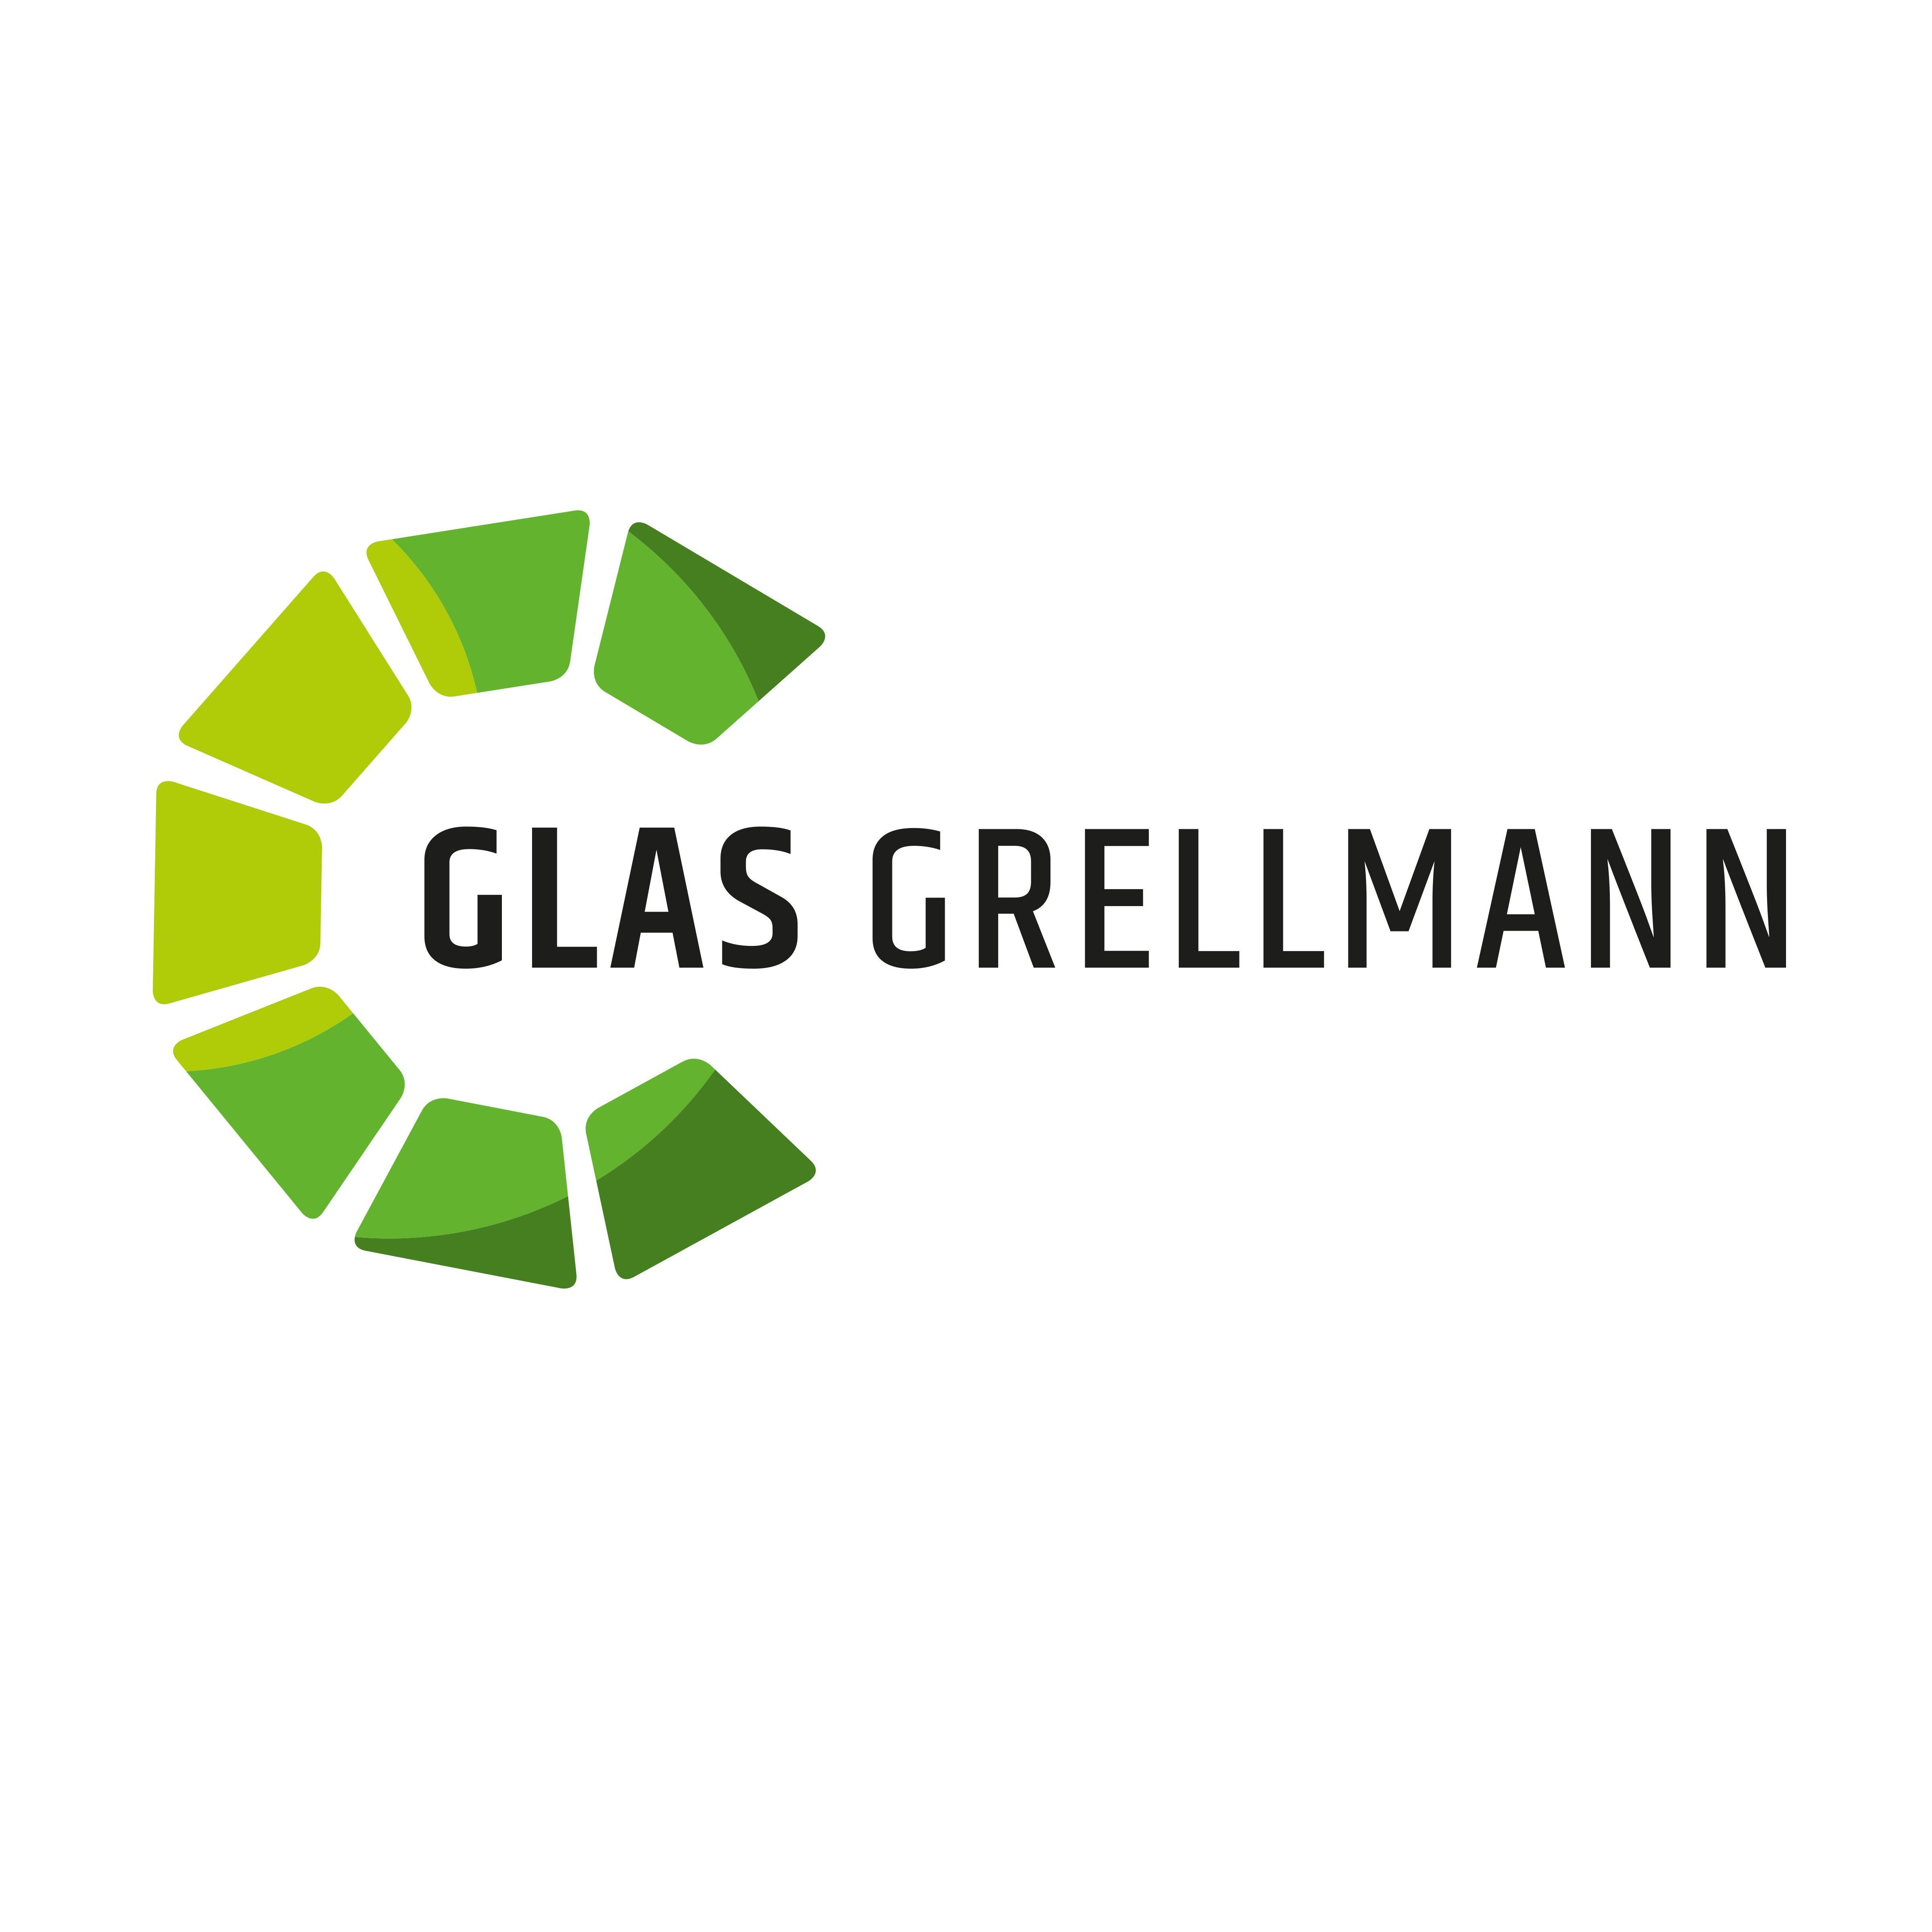 Bild zu Glas Grellmann Fachbetrieb für Glasbau, Glasreparaturen und Sicherheitsglas in Köln